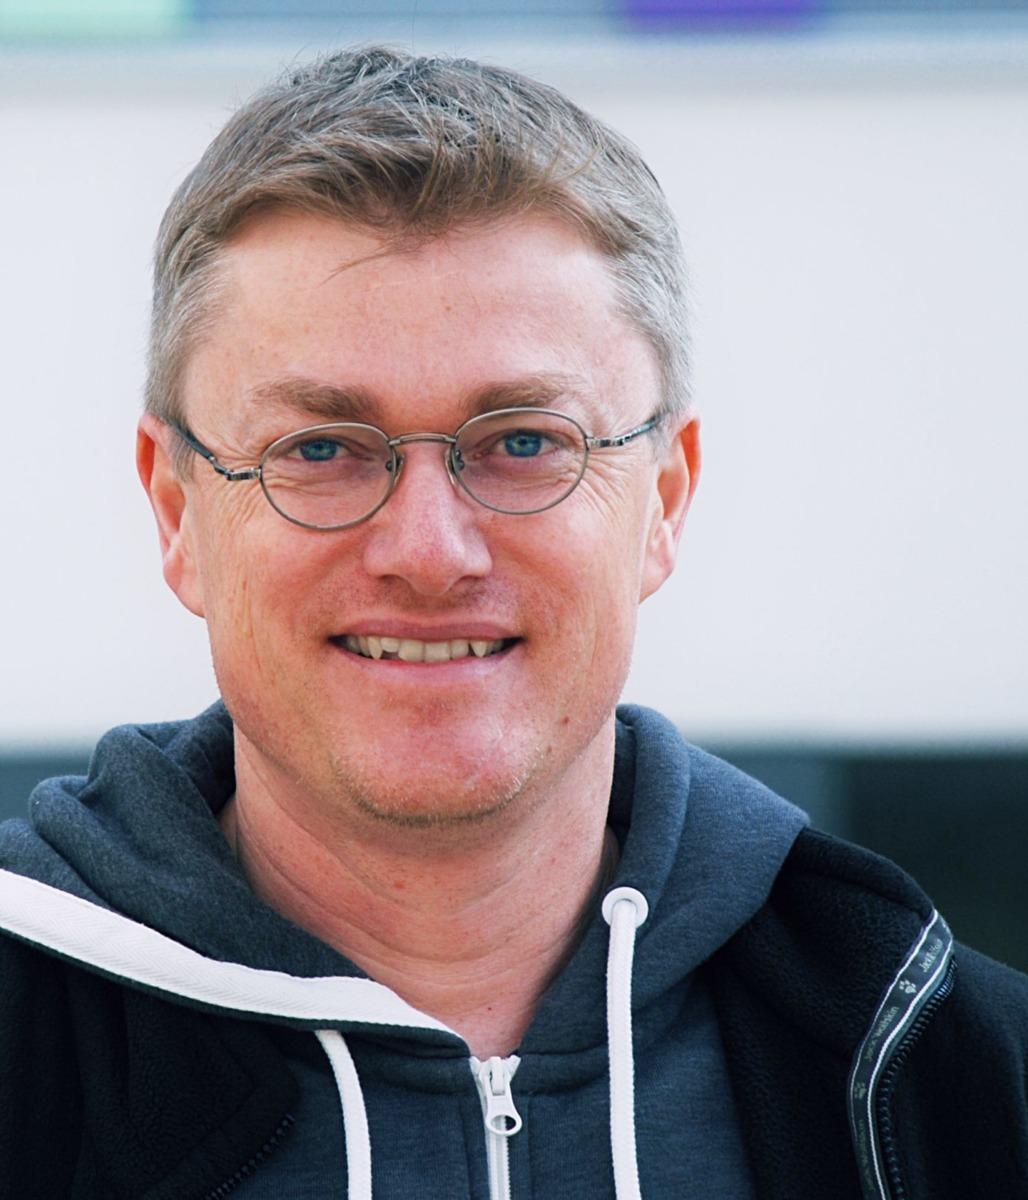 Franko Hoffmann-Samaga ist seit 2015 bei der Alpha-Lernhilfe, unterrichtet u.a. Mathe und Deutsch, leitet den Standort in der Johannstadt und ist für das Marketing zuständig.